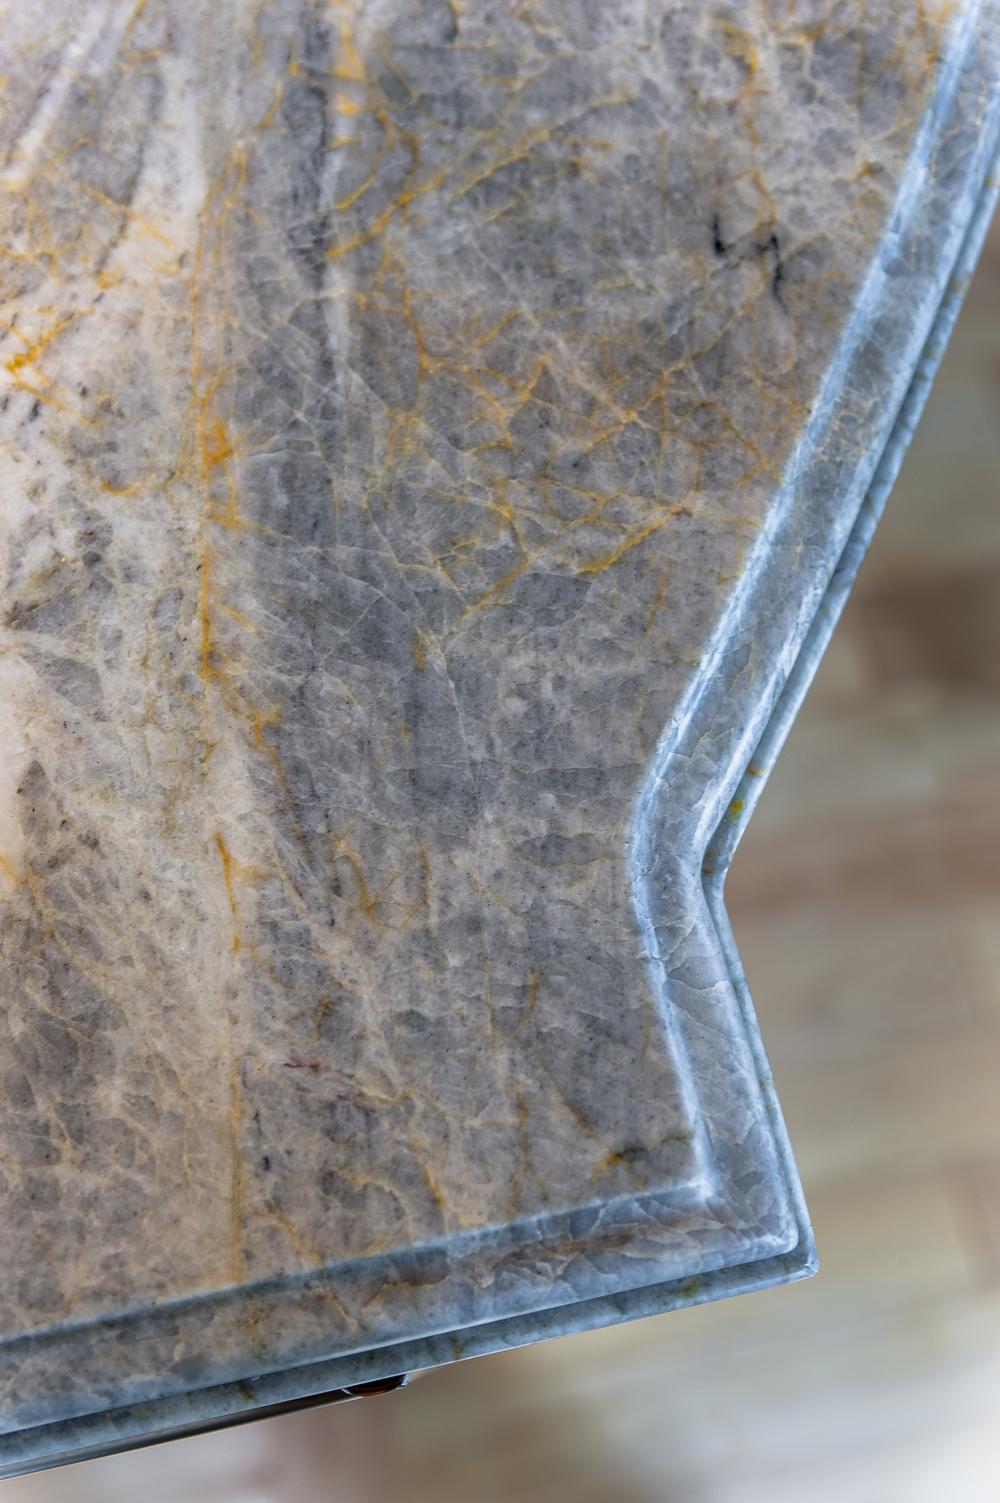 Blue Pearl Stone Tempesta Satin Quarzite Island Laminated Classic Ogee Edge 02